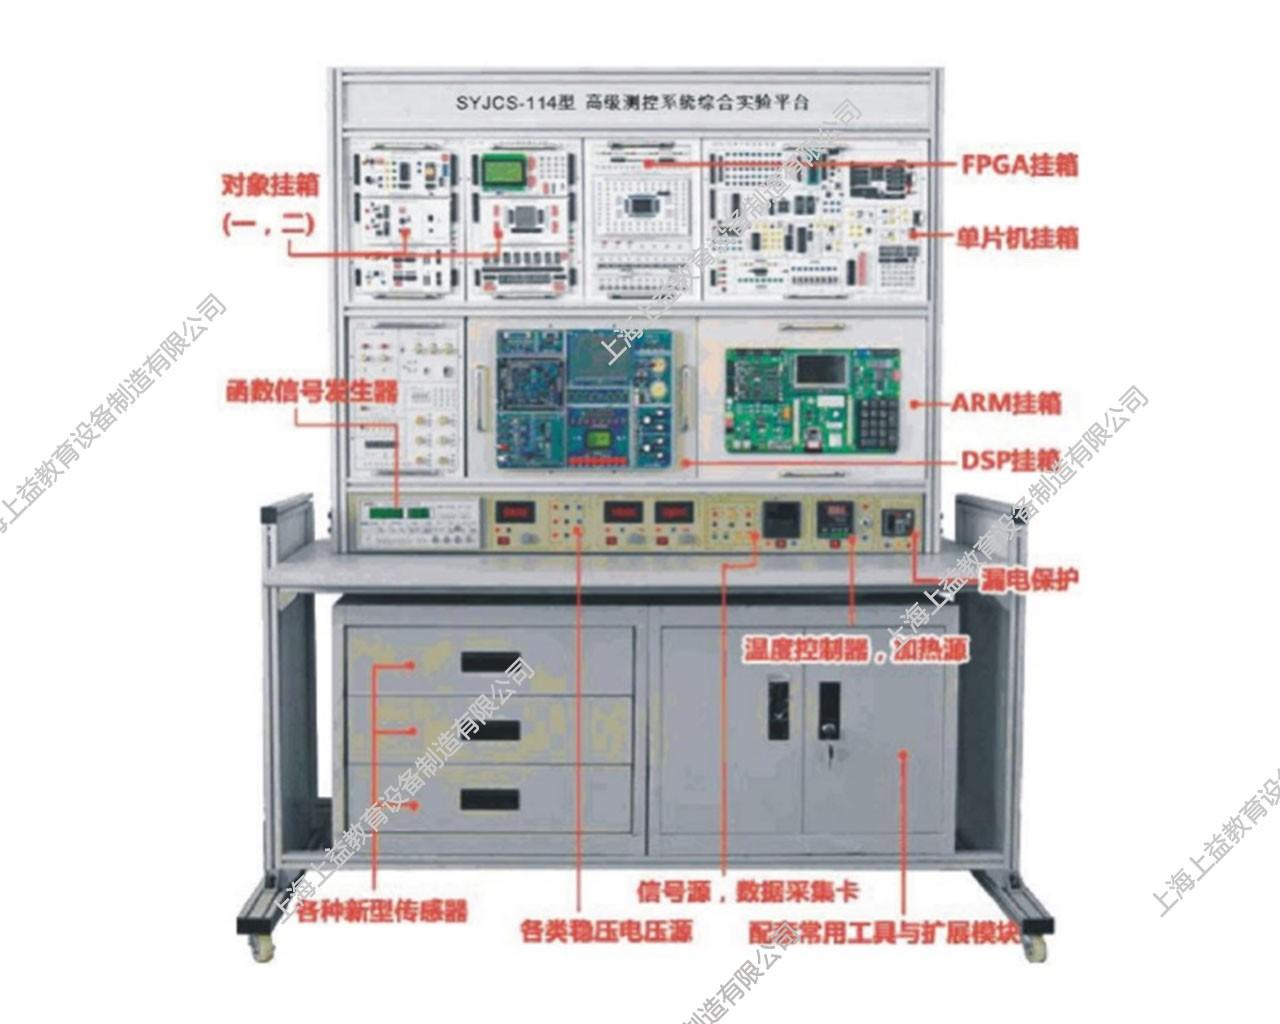 SYJCS-114 高级测控系统综合实验平台